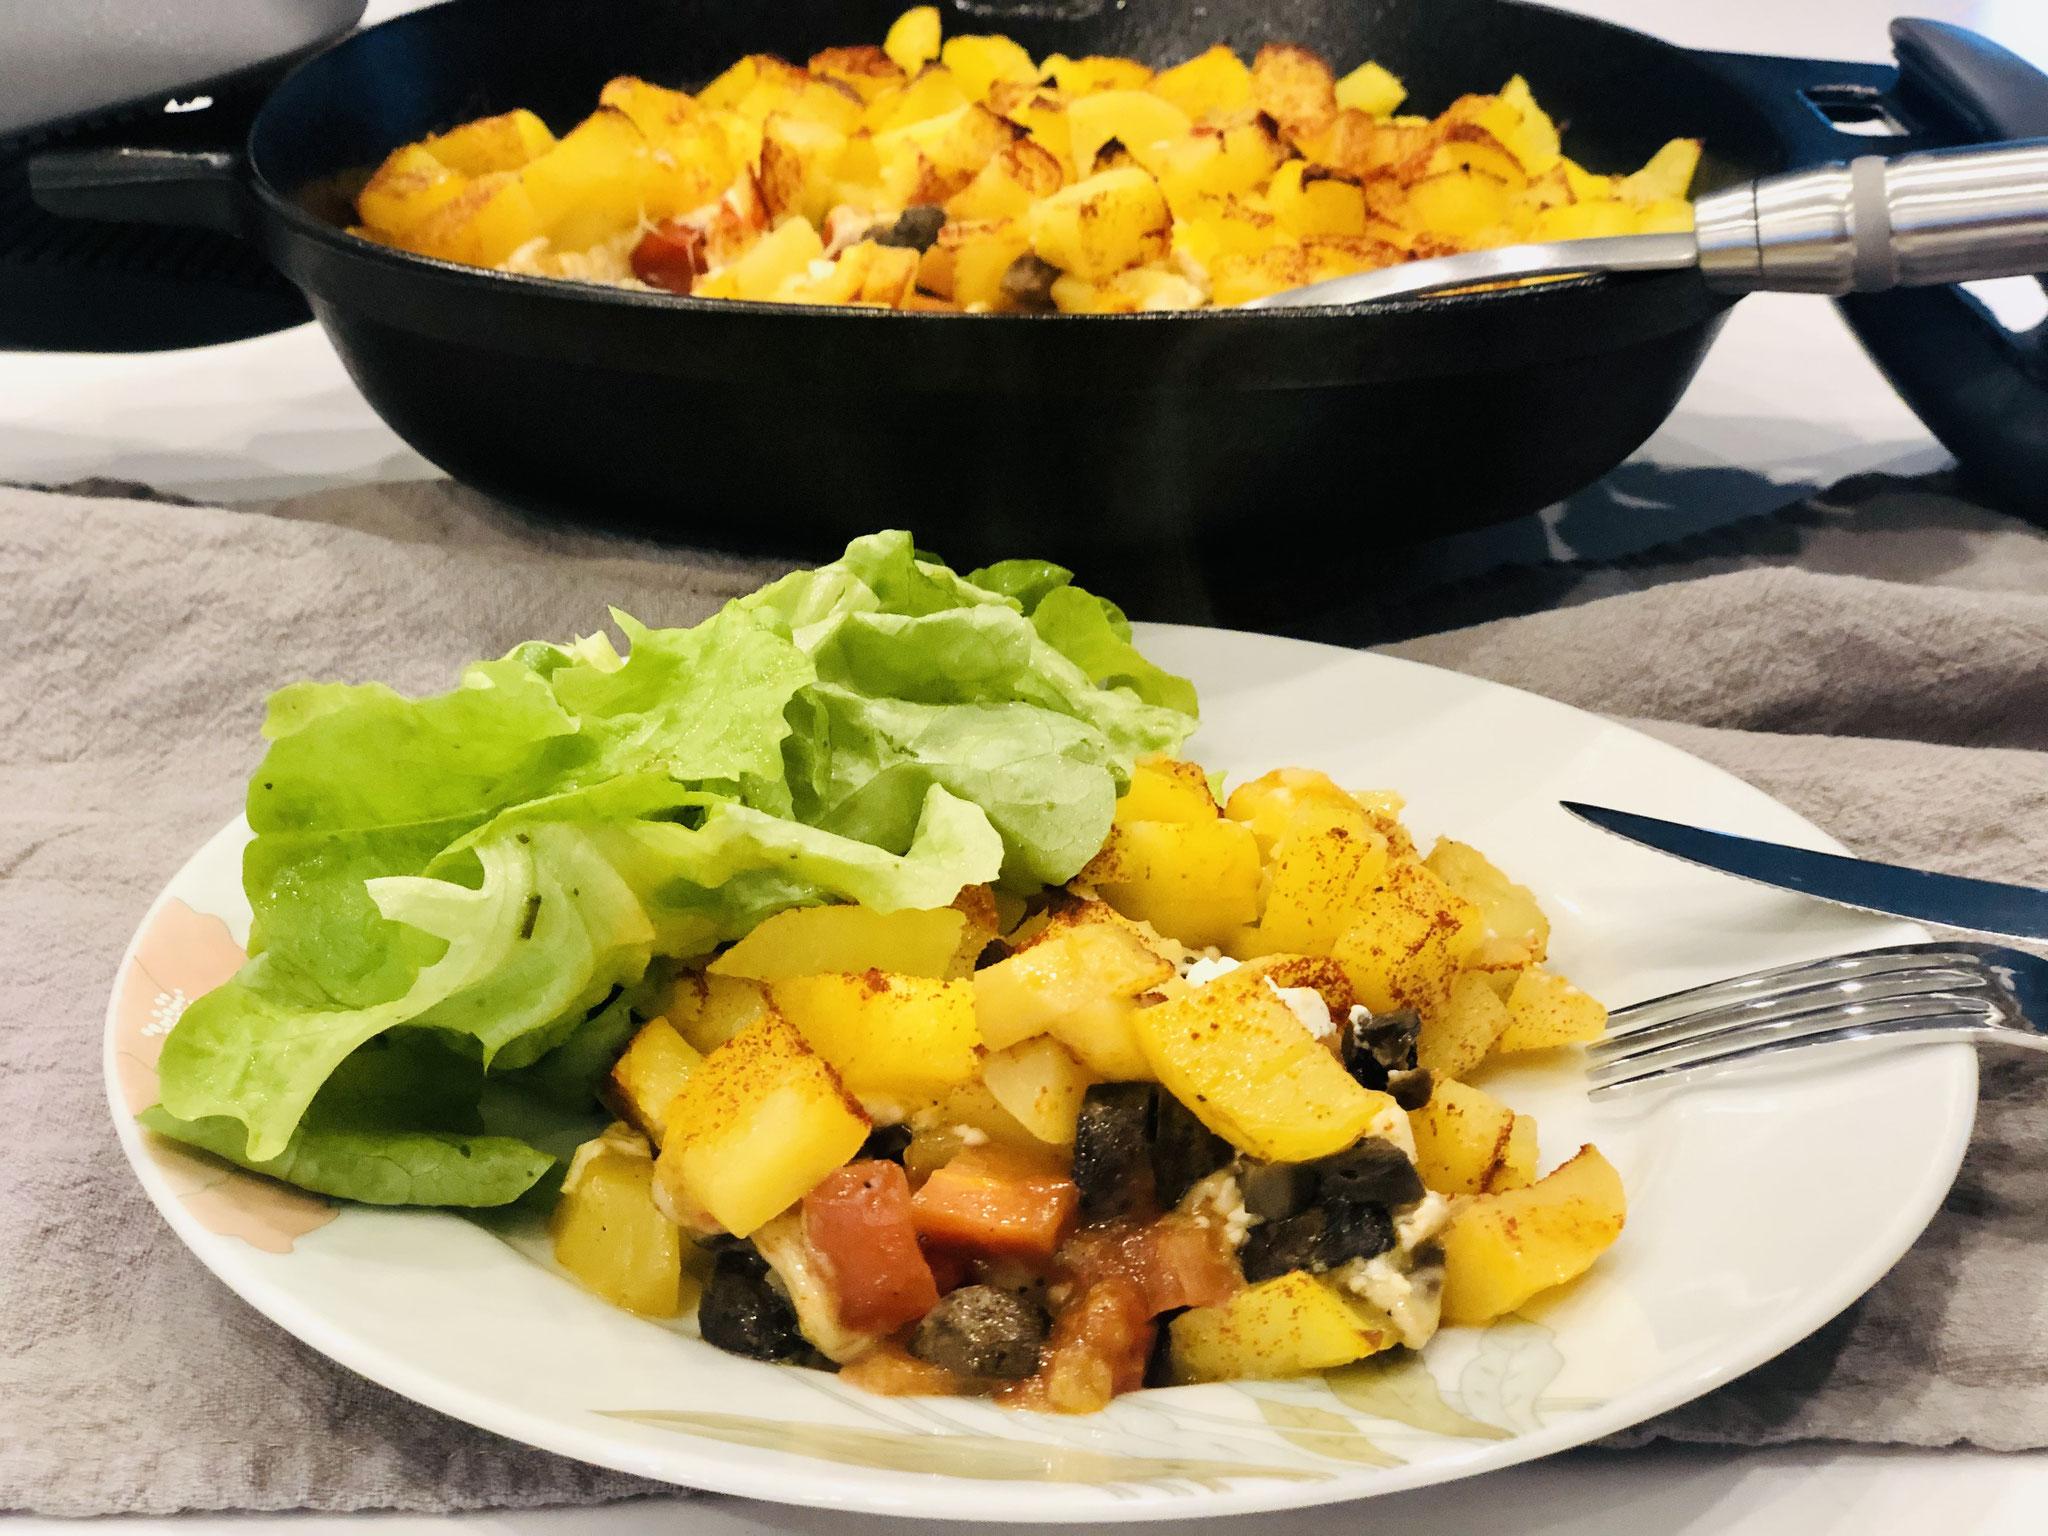 Serviert mit einem grünen Salat schmeckt es einfach yammiii ♥♥♥